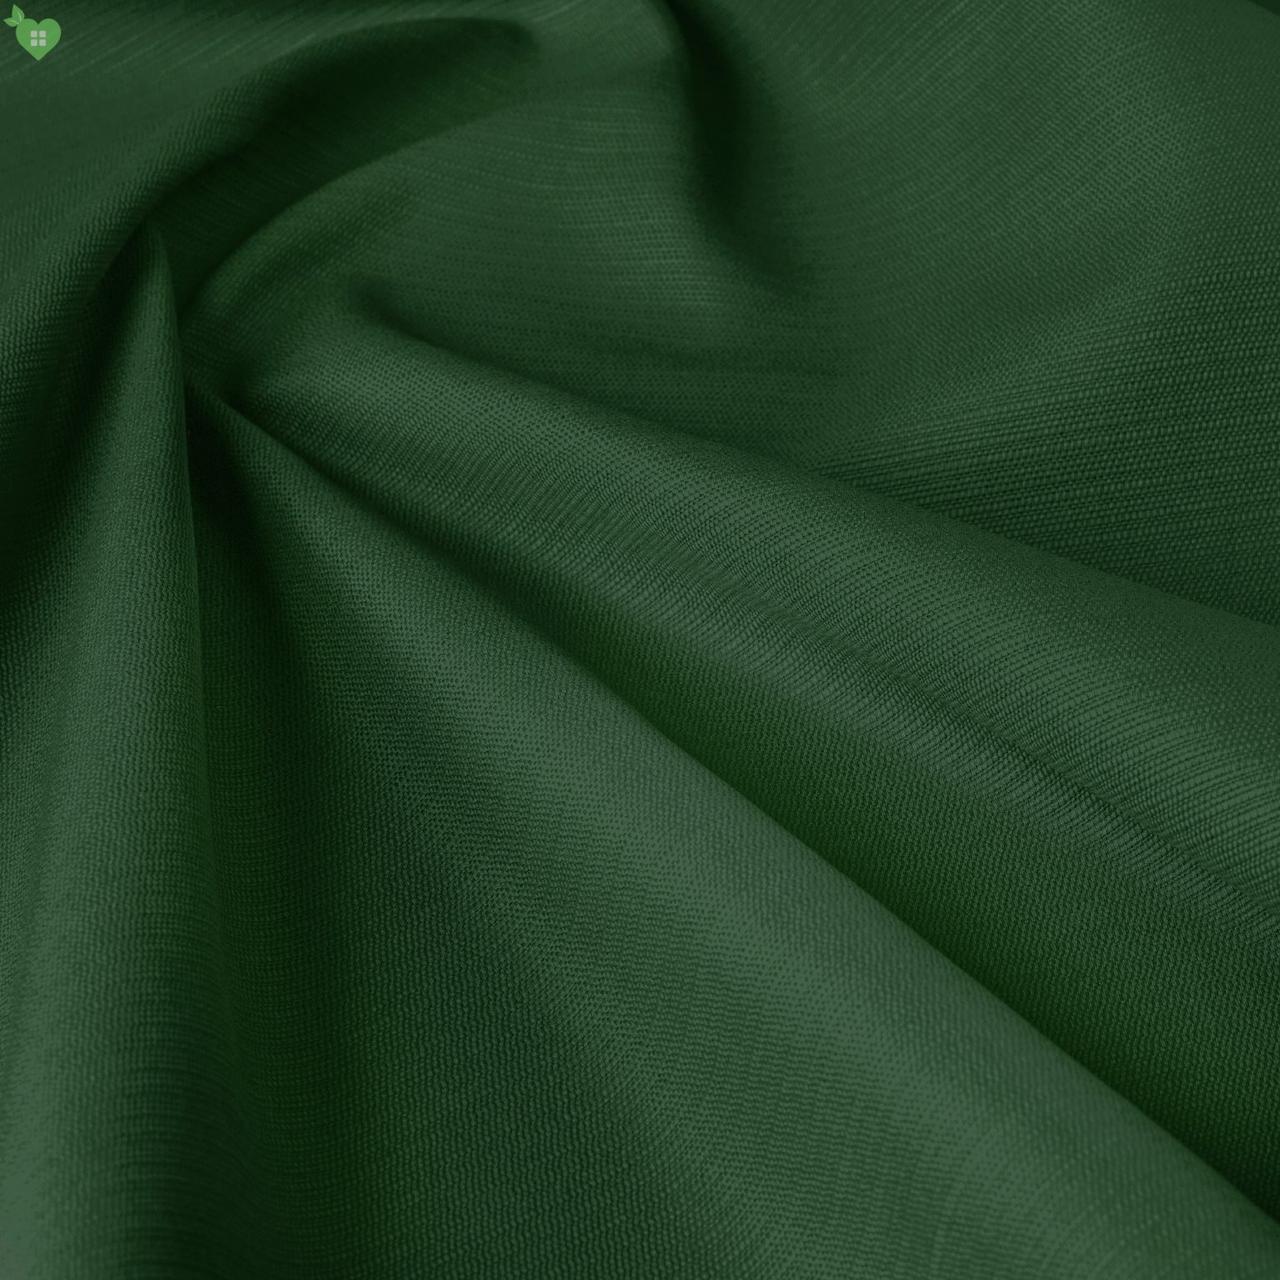 Уличная ткань с фактурой зеленого цвета для террасы 84325v11